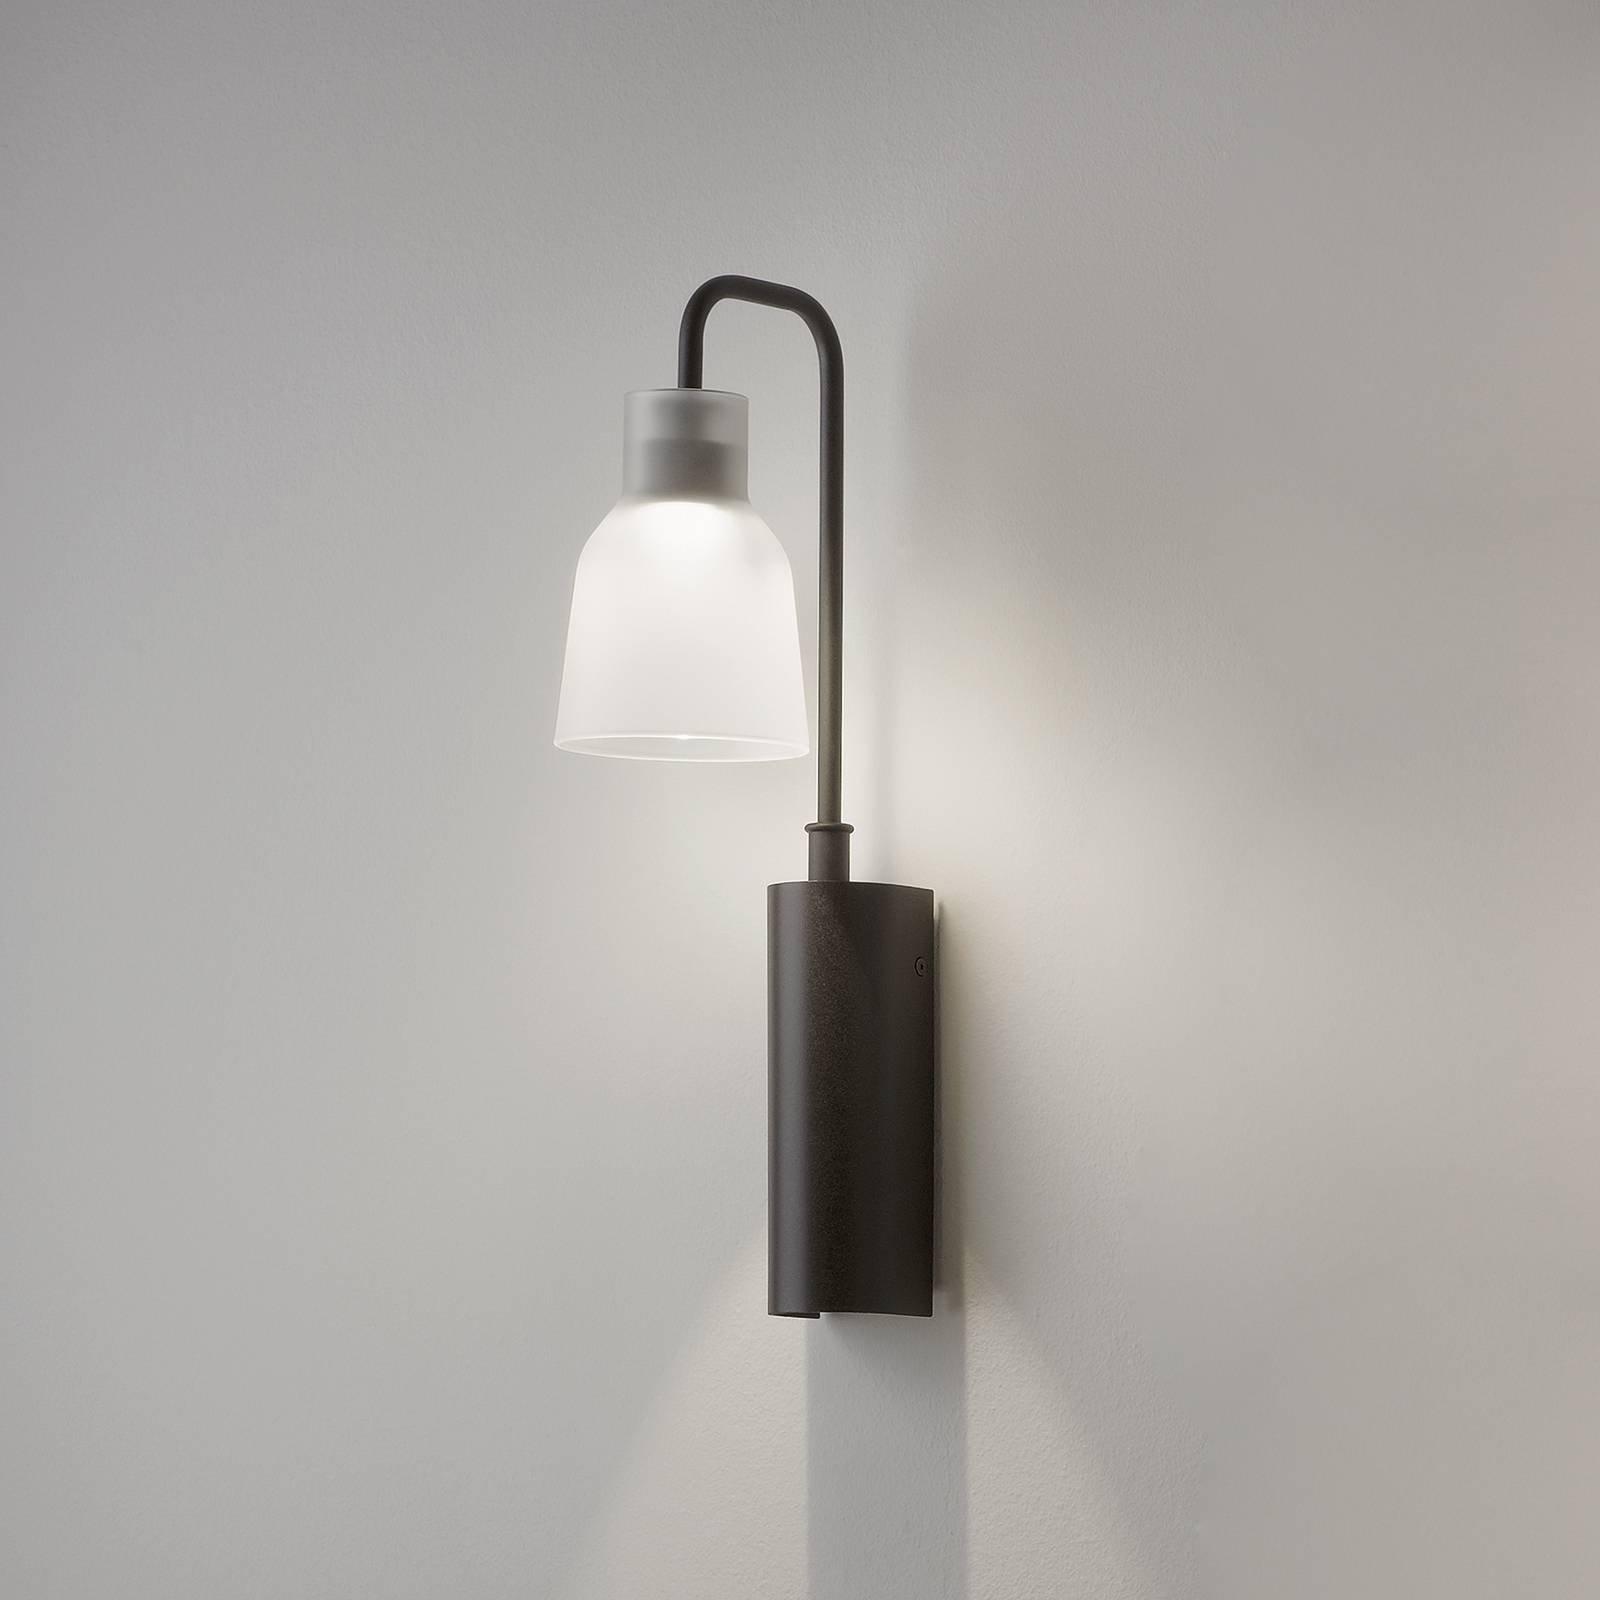 Bover Drip A/02 LED-vegglampe, matt-hvitt